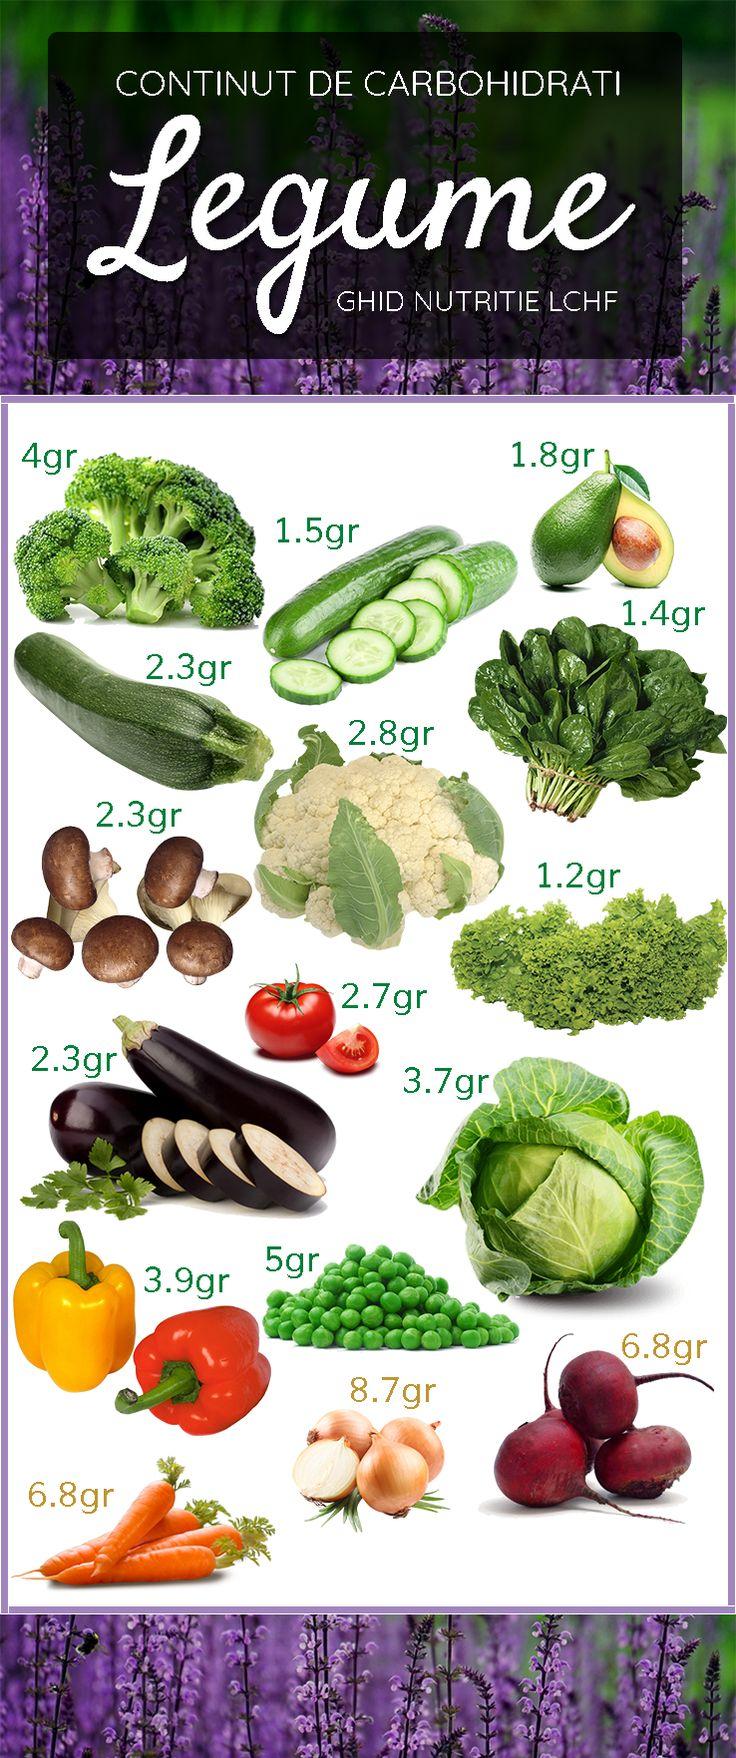 O #alimentatie sanatoasa are ca temelie legumele cu continut scazut de carbohidrati #nutritie #LCHF #sanatate #slabire #silueta #lowcarb